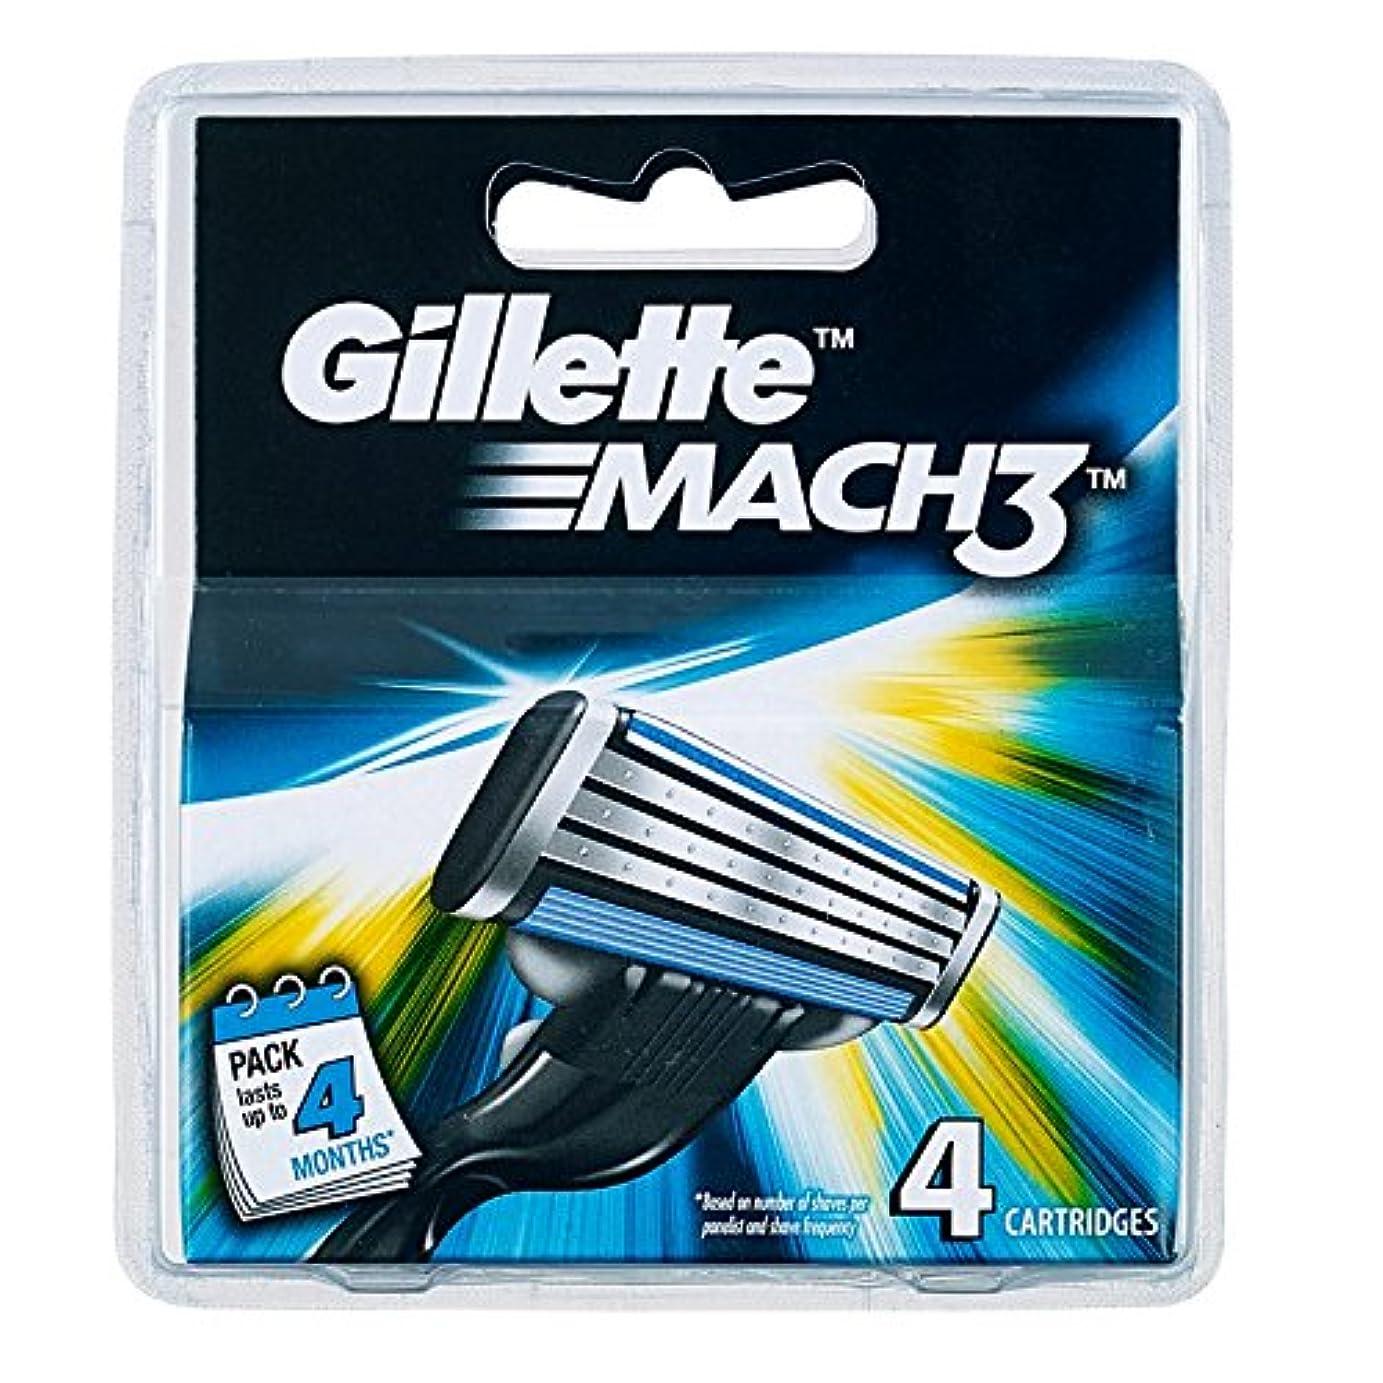 社会主義テクトニックサーキットに行くGillette MACH3 SHAVING RAZOR CARTRIDGES BLADES 4 Pack [並行輸入品]